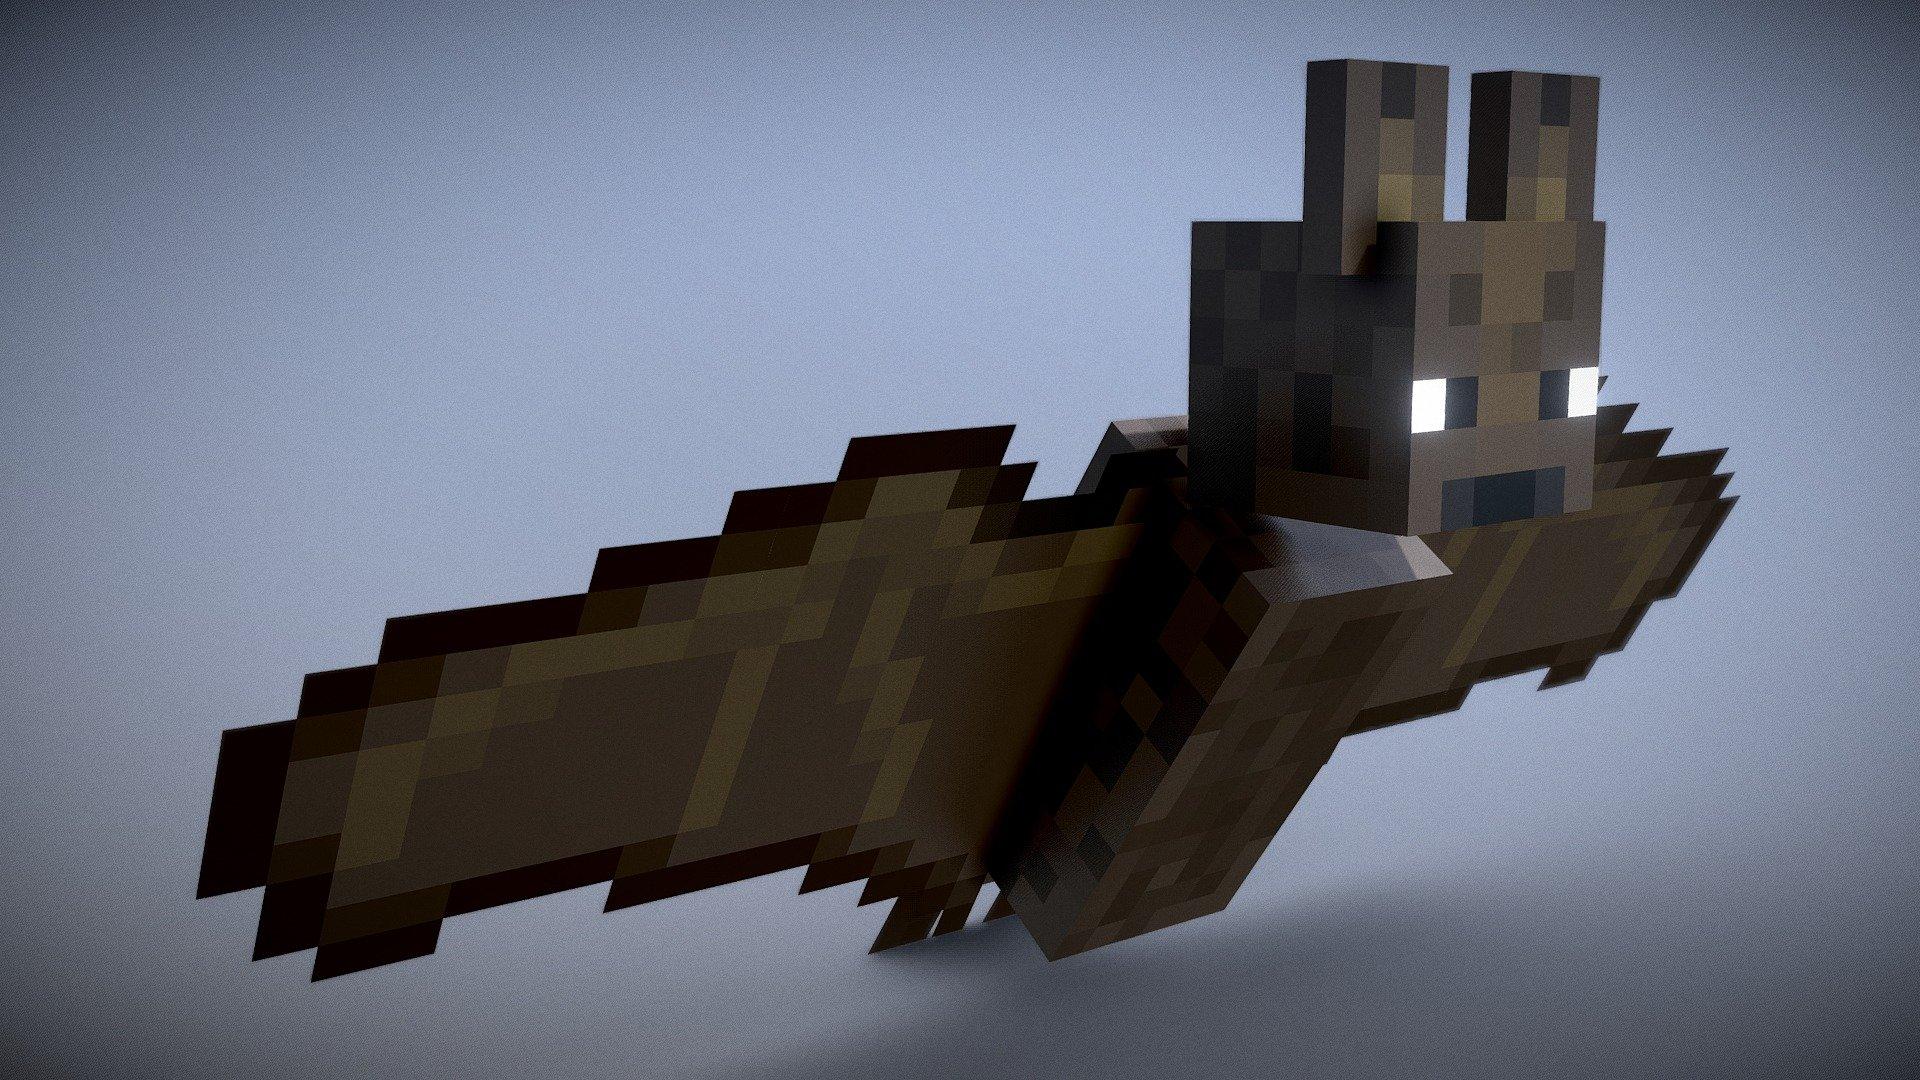 Minecraft - Bat - Download Free 3D model by Vincent Yanez ...